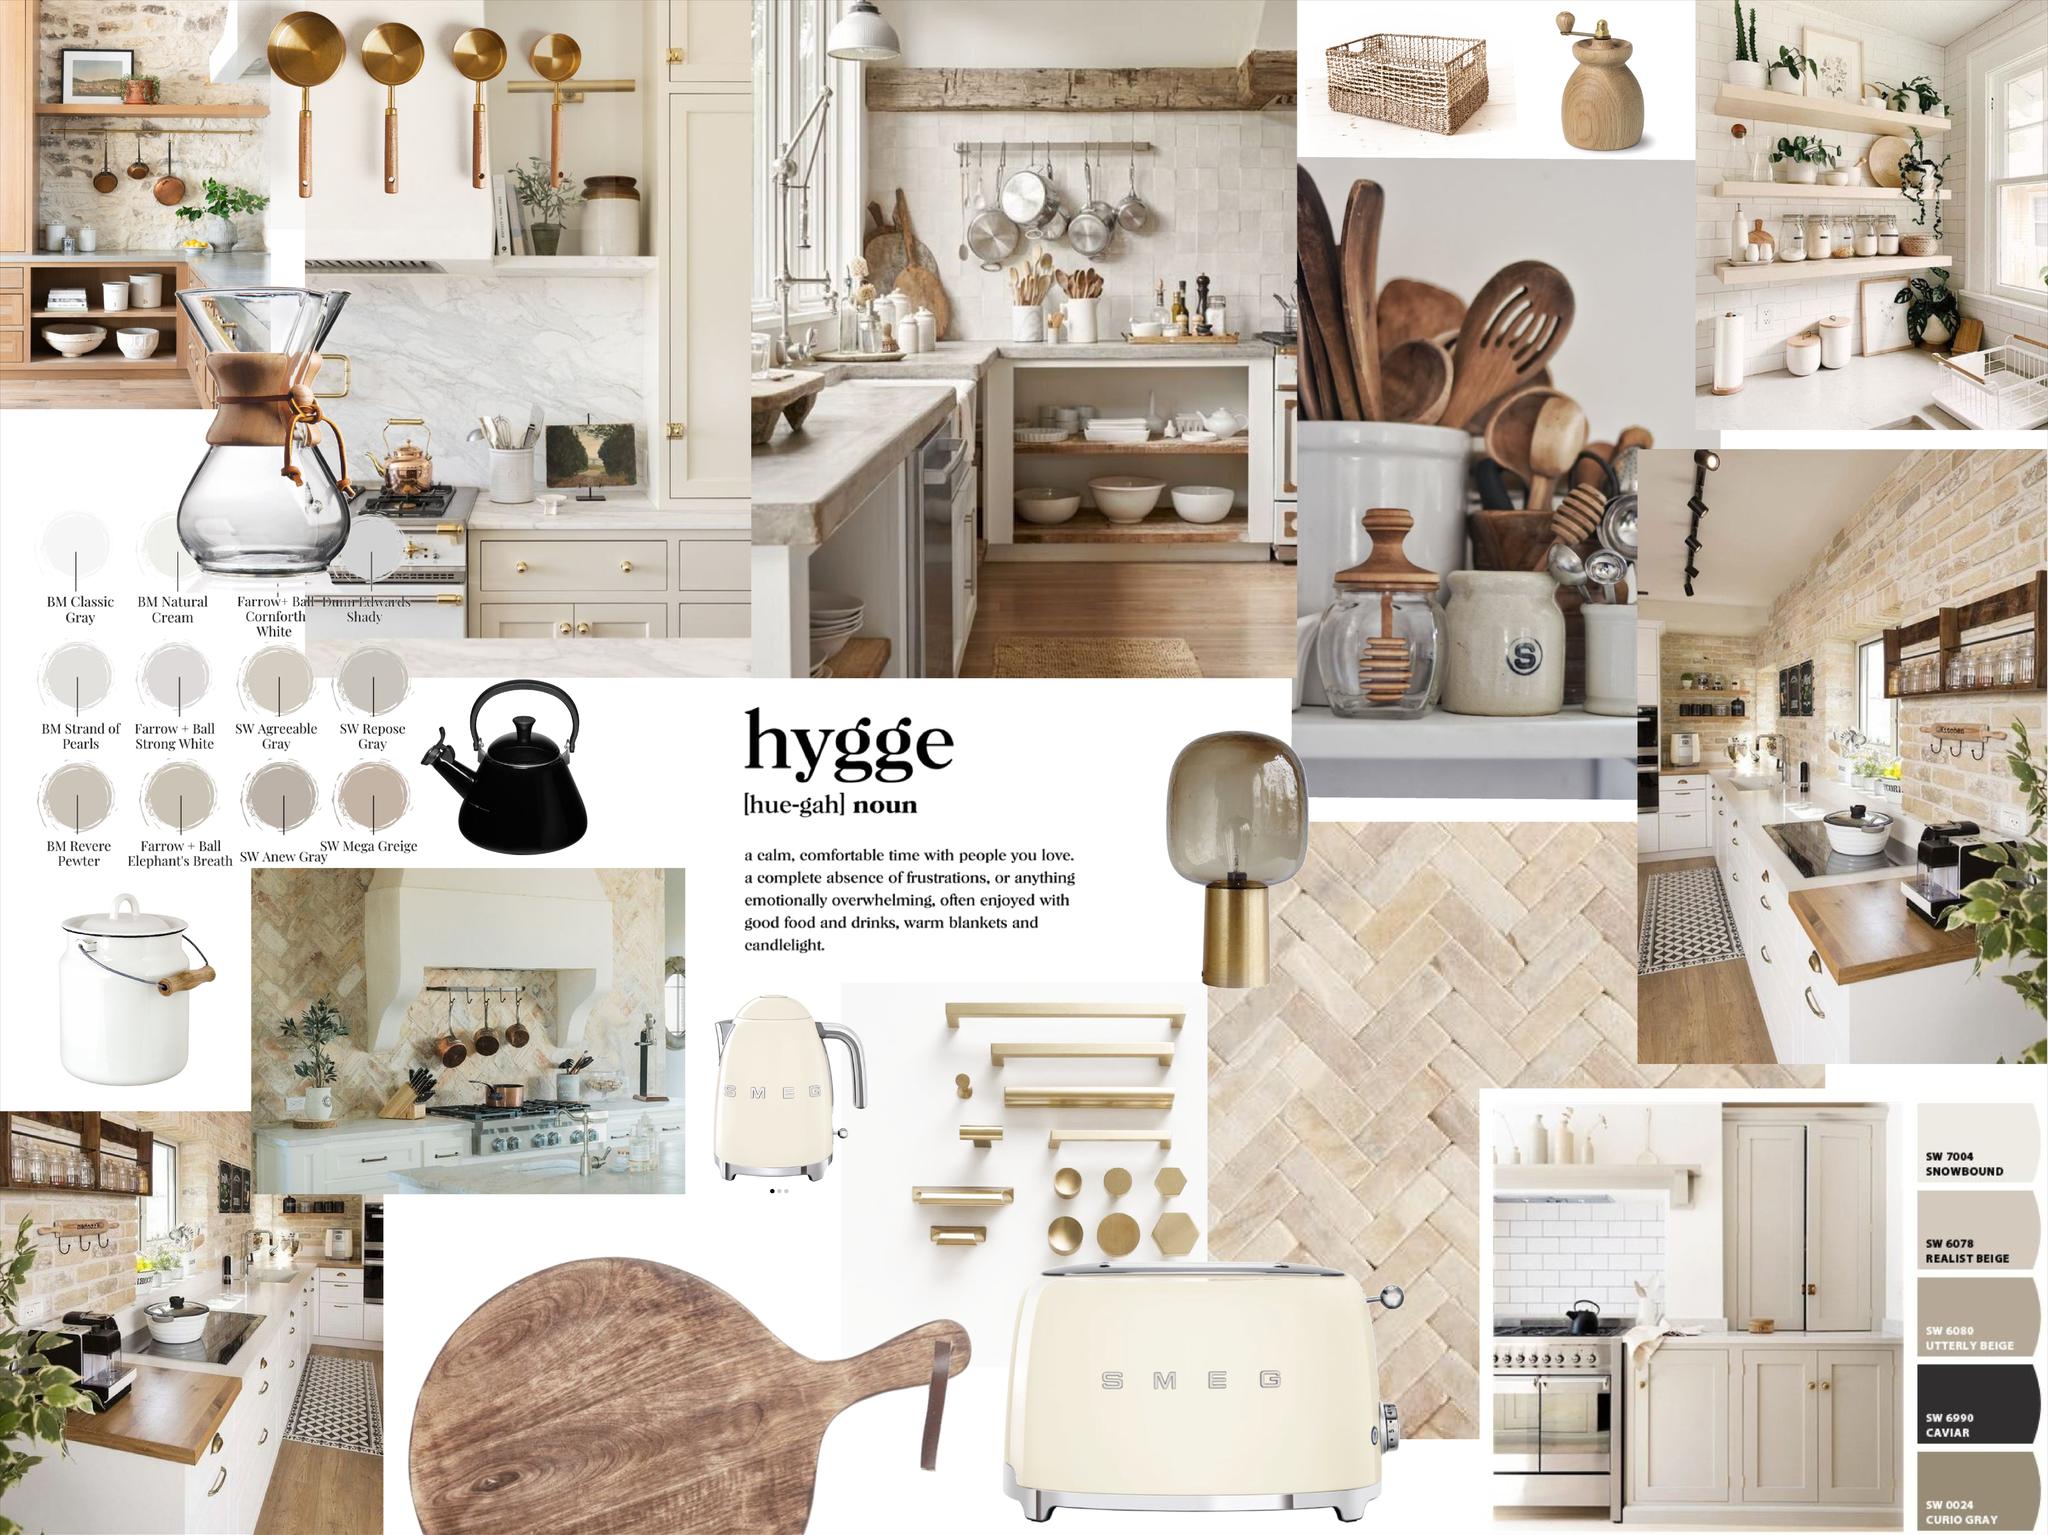 Küchen Makeover - Hygge